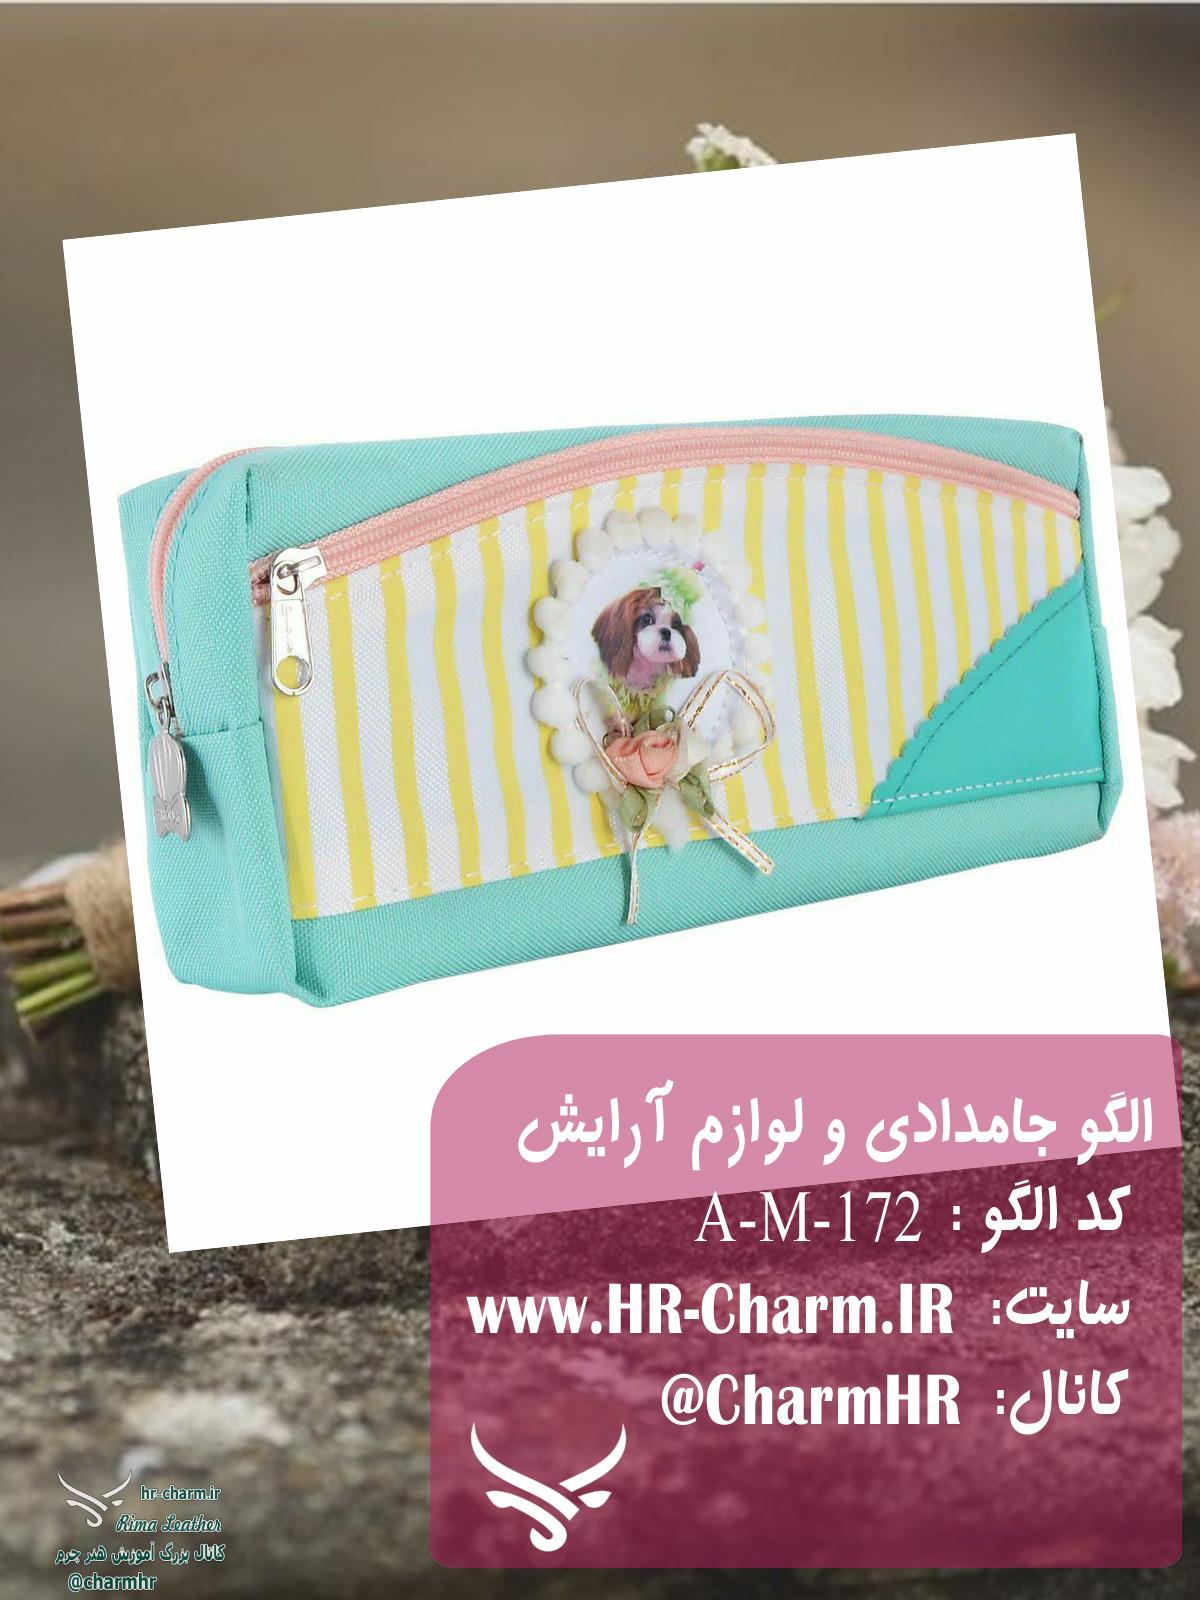 کاور A-M-172 [www.hr-charm.ir].jpg